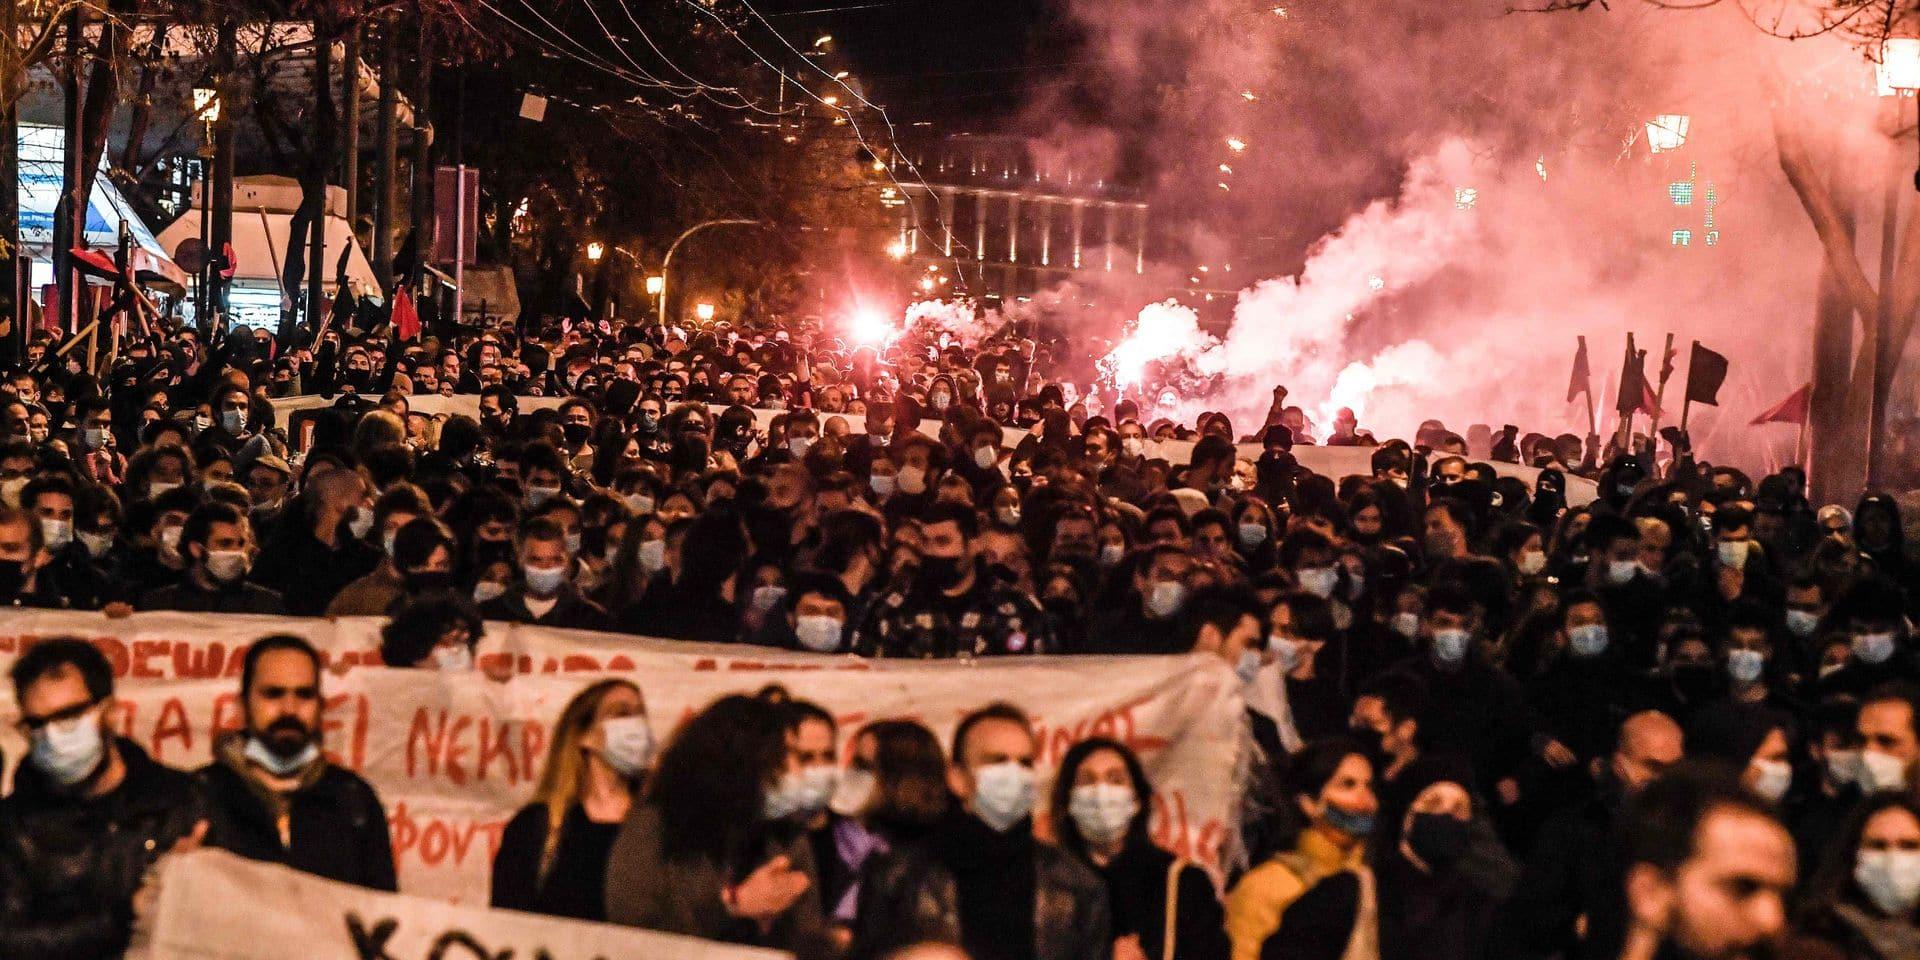 En Grèce, la radicalisation du gouvernement face à un gréviste de la faim inquiète